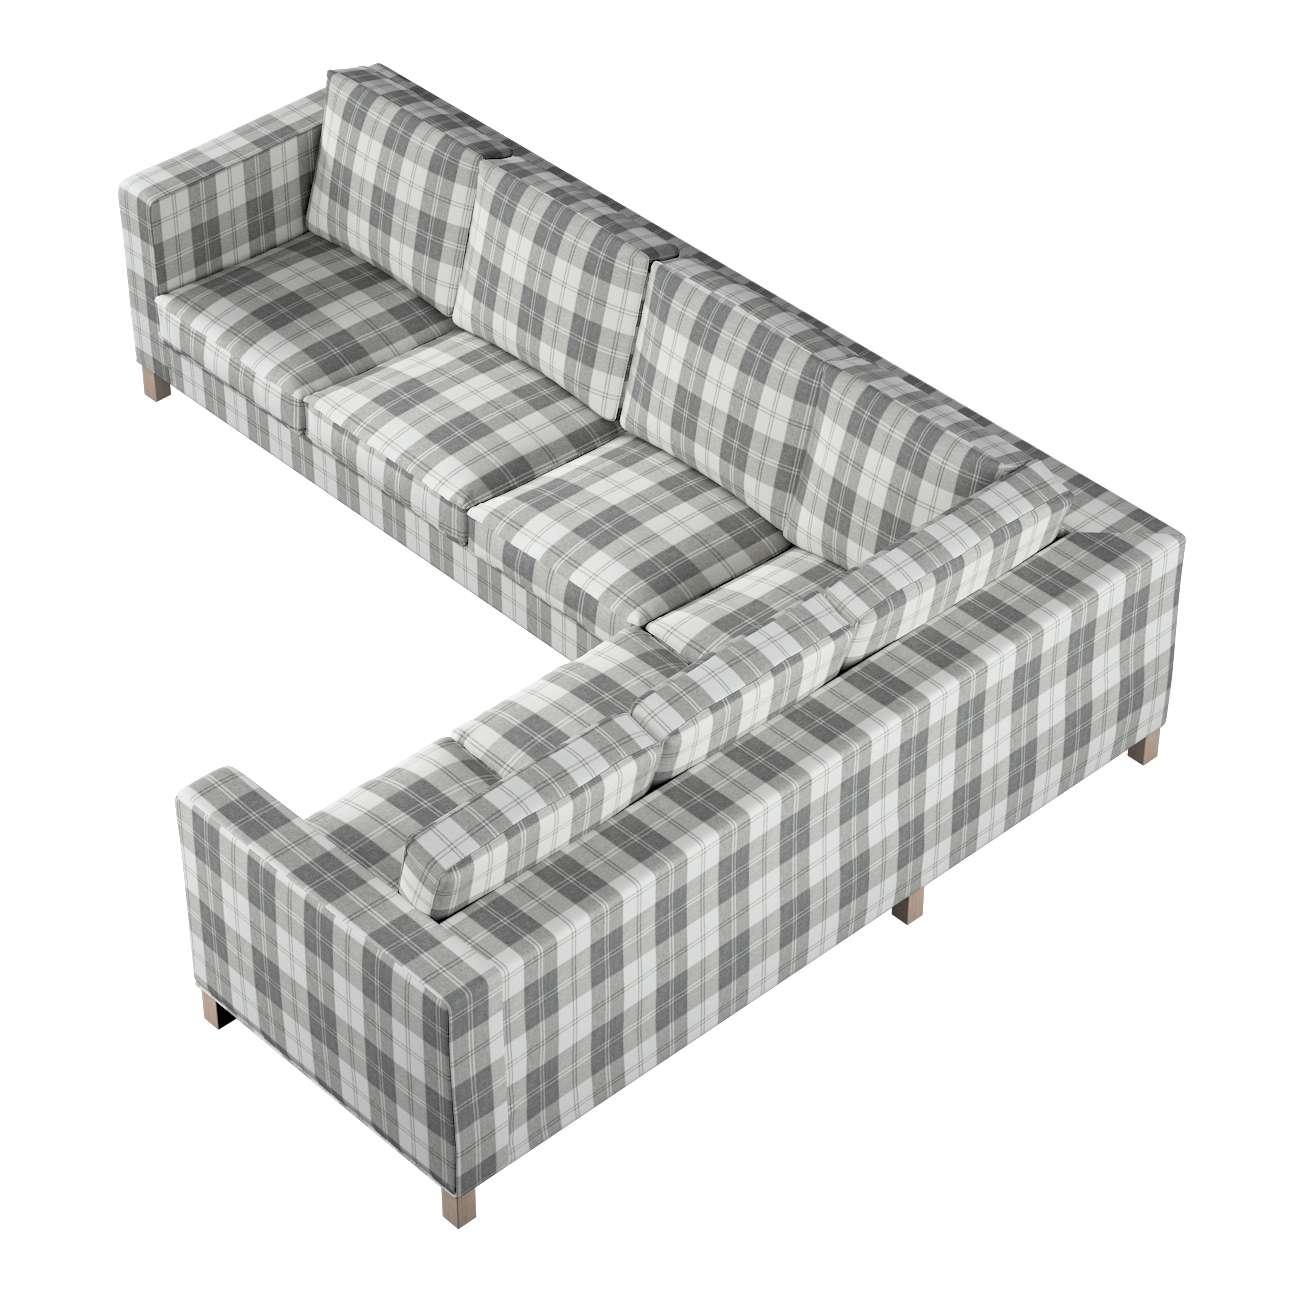 Pokrowiec na sofę narożną lewostronną Karlanda w kolekcji Edinburgh, tkanina: 115-79